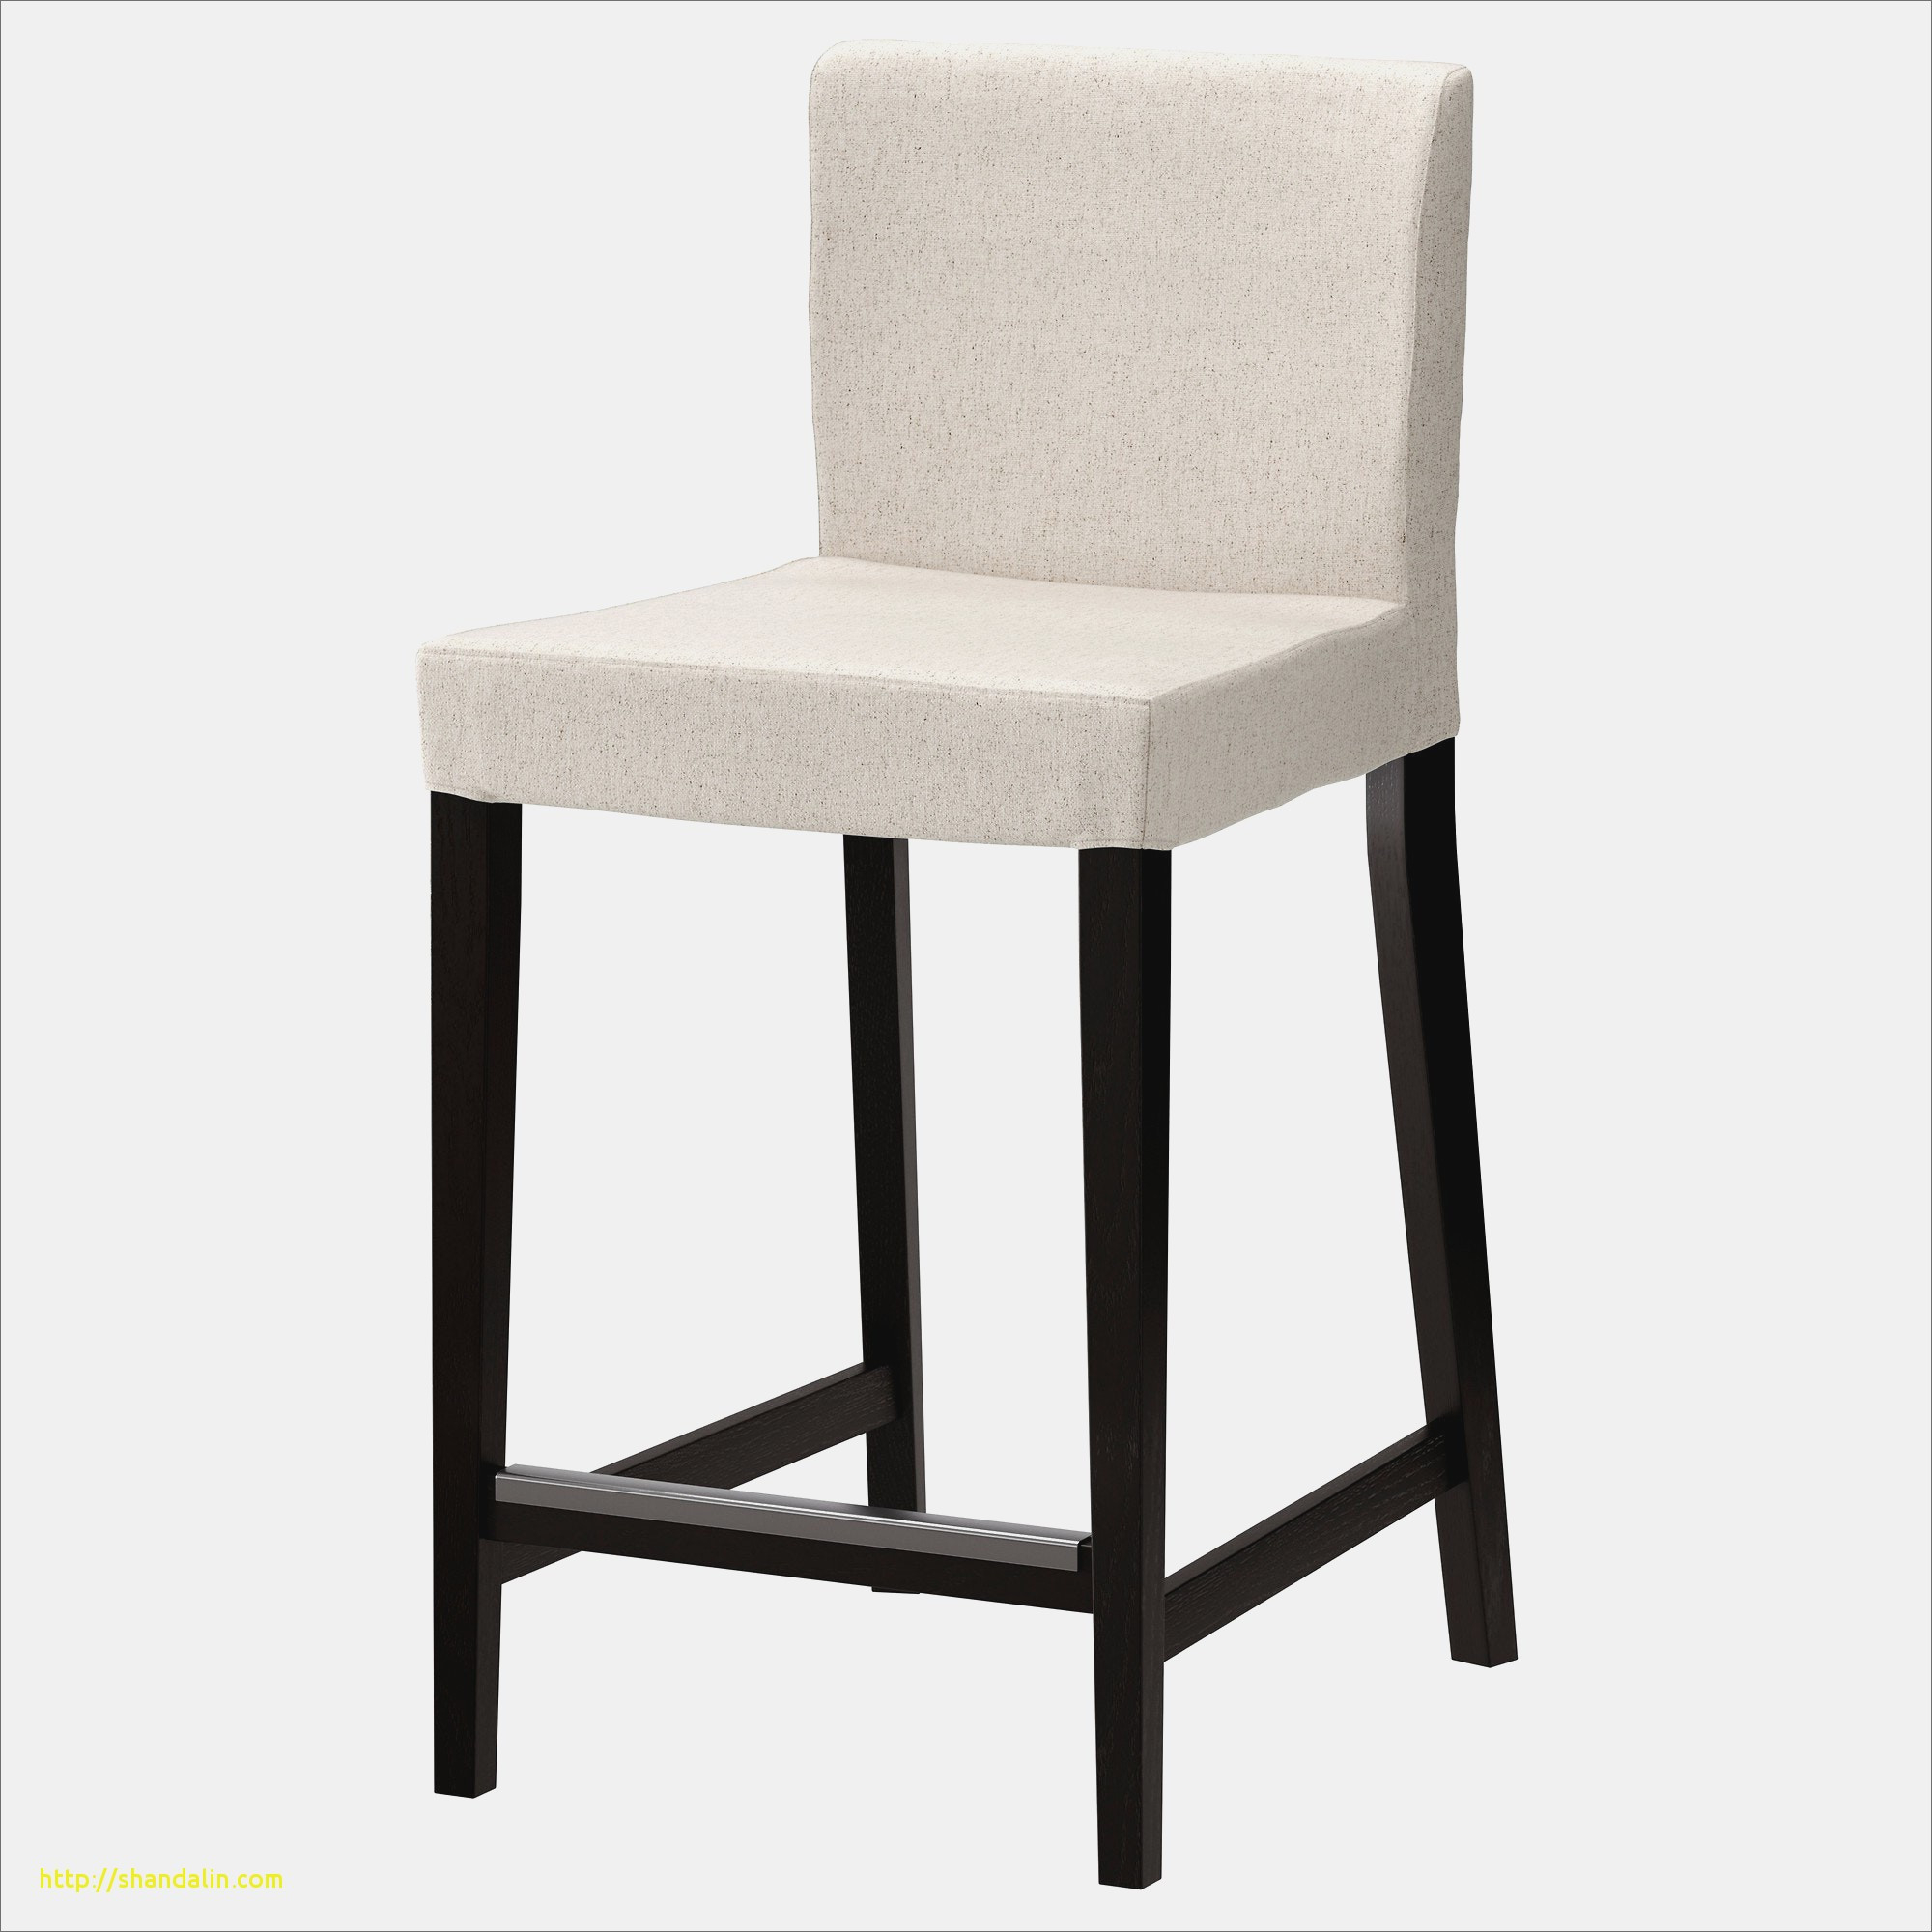 chaise haute de cuisine alinea chaises ides dans chaise haute de cuisine alinea chaises ides of